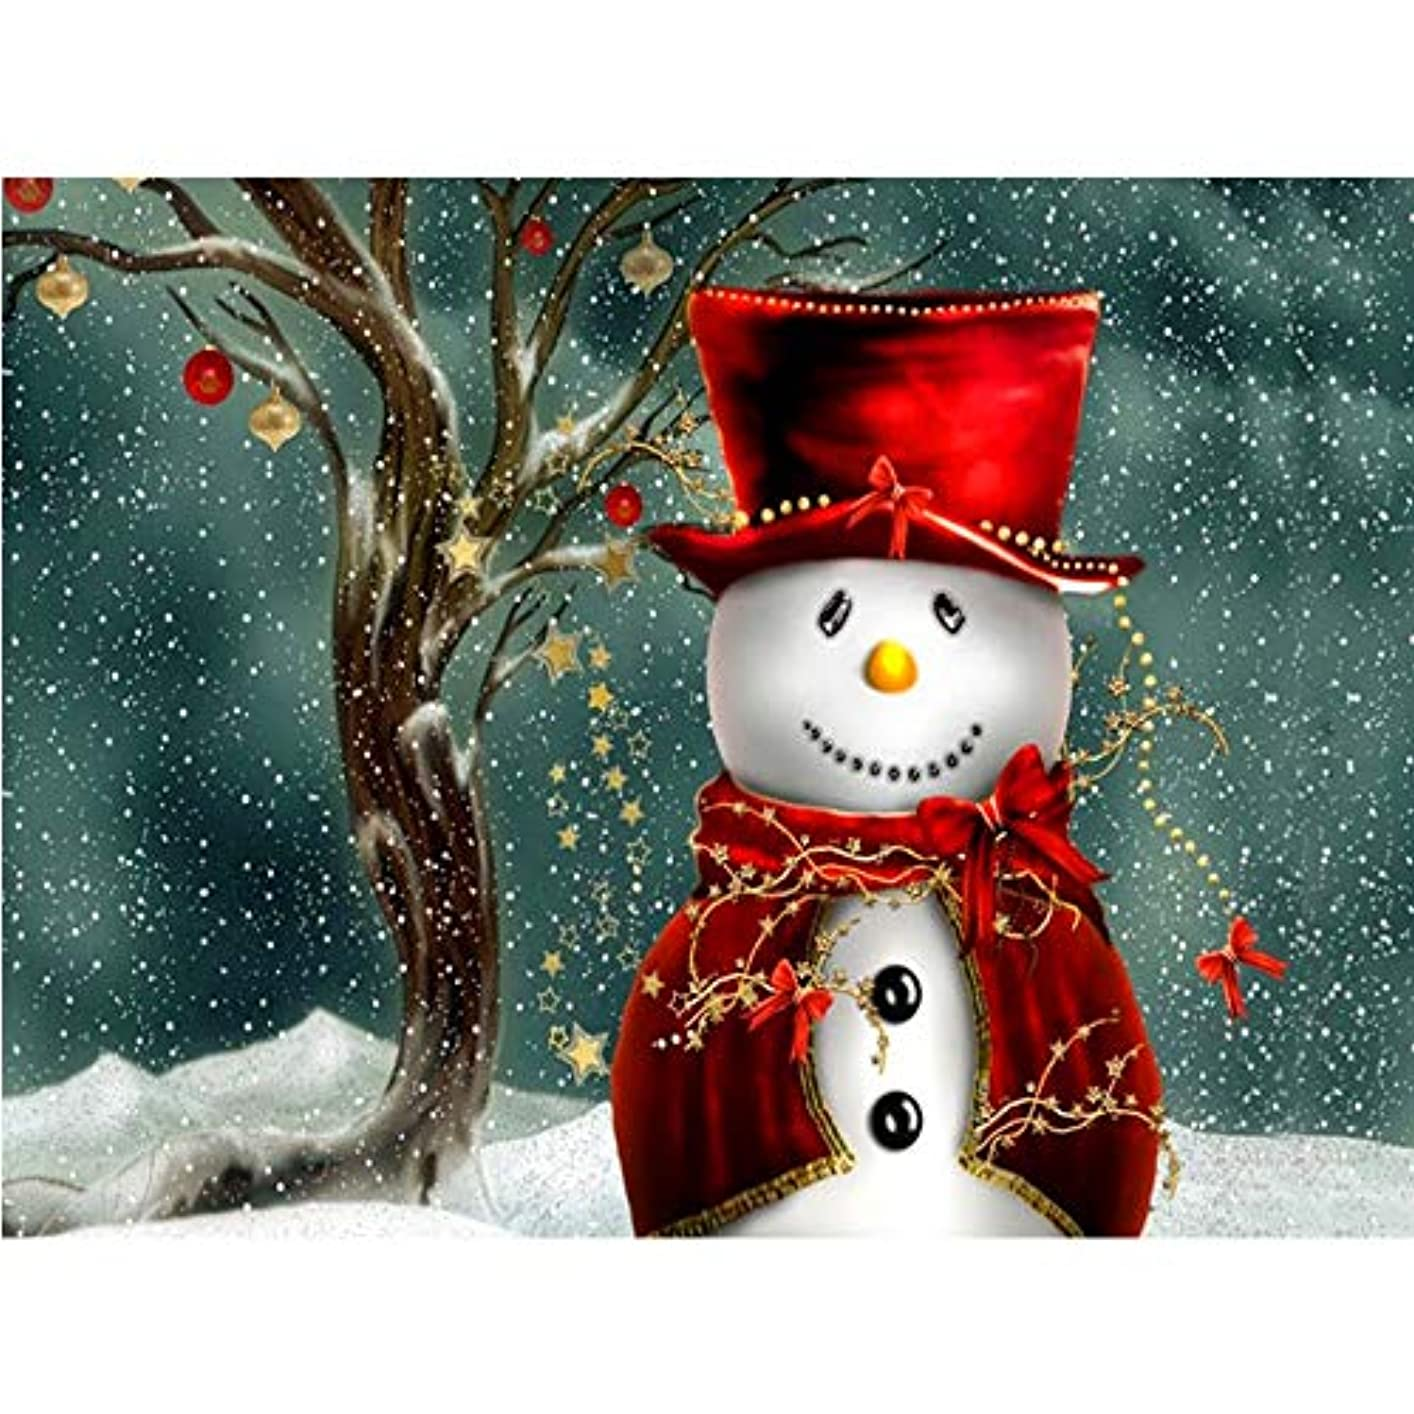 借りる出くわす抑止するEuone ダイヤモンド刺繍 クリアランス クリスマスダイヤモンド ラインストーン 刺繍ペインティング クロスステッチ ホームデコレーション